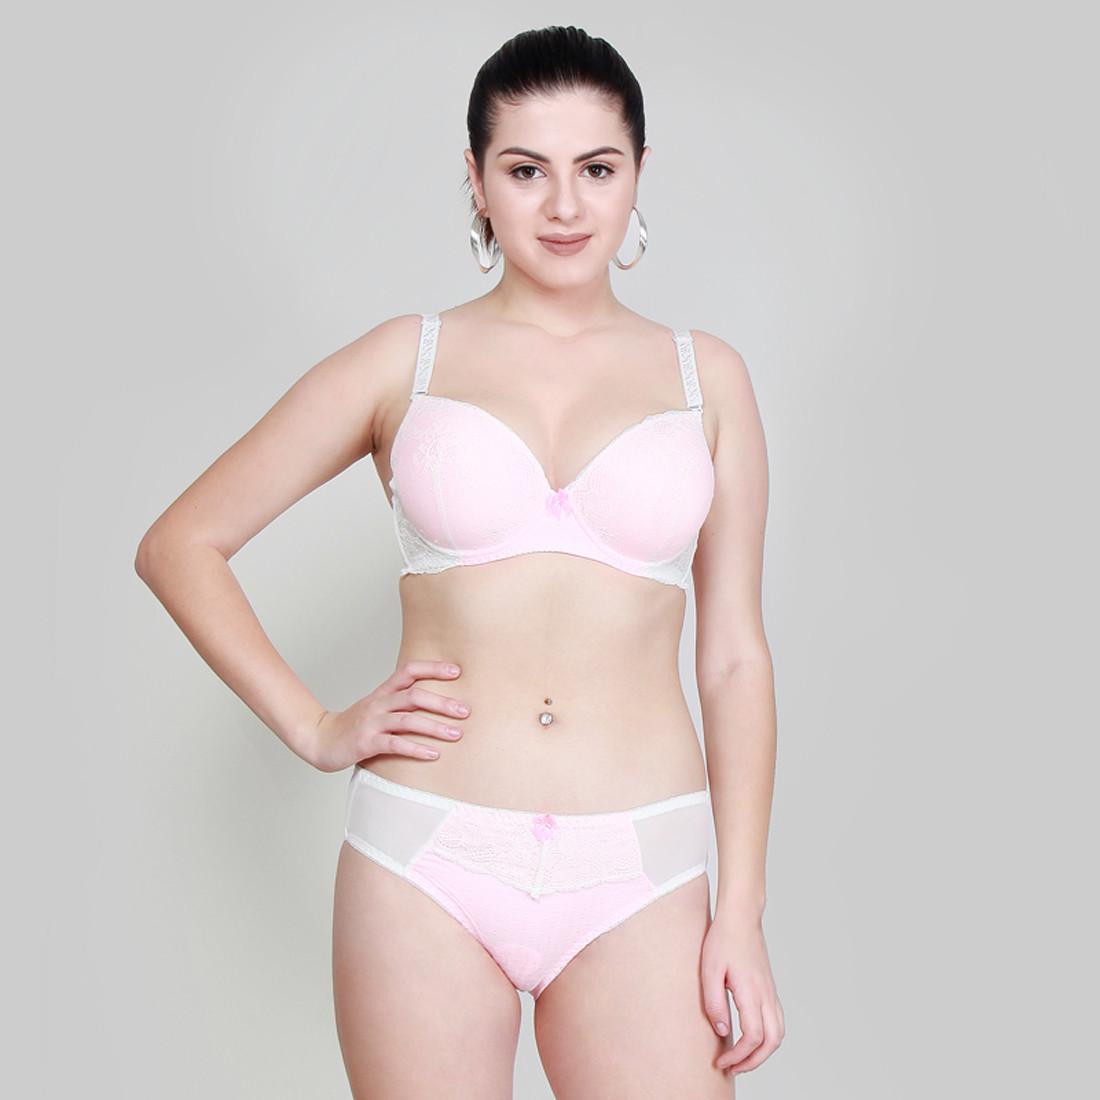 Makclan Plunge n Sheer Lace Ballet Slipper Pink Lingerie Set